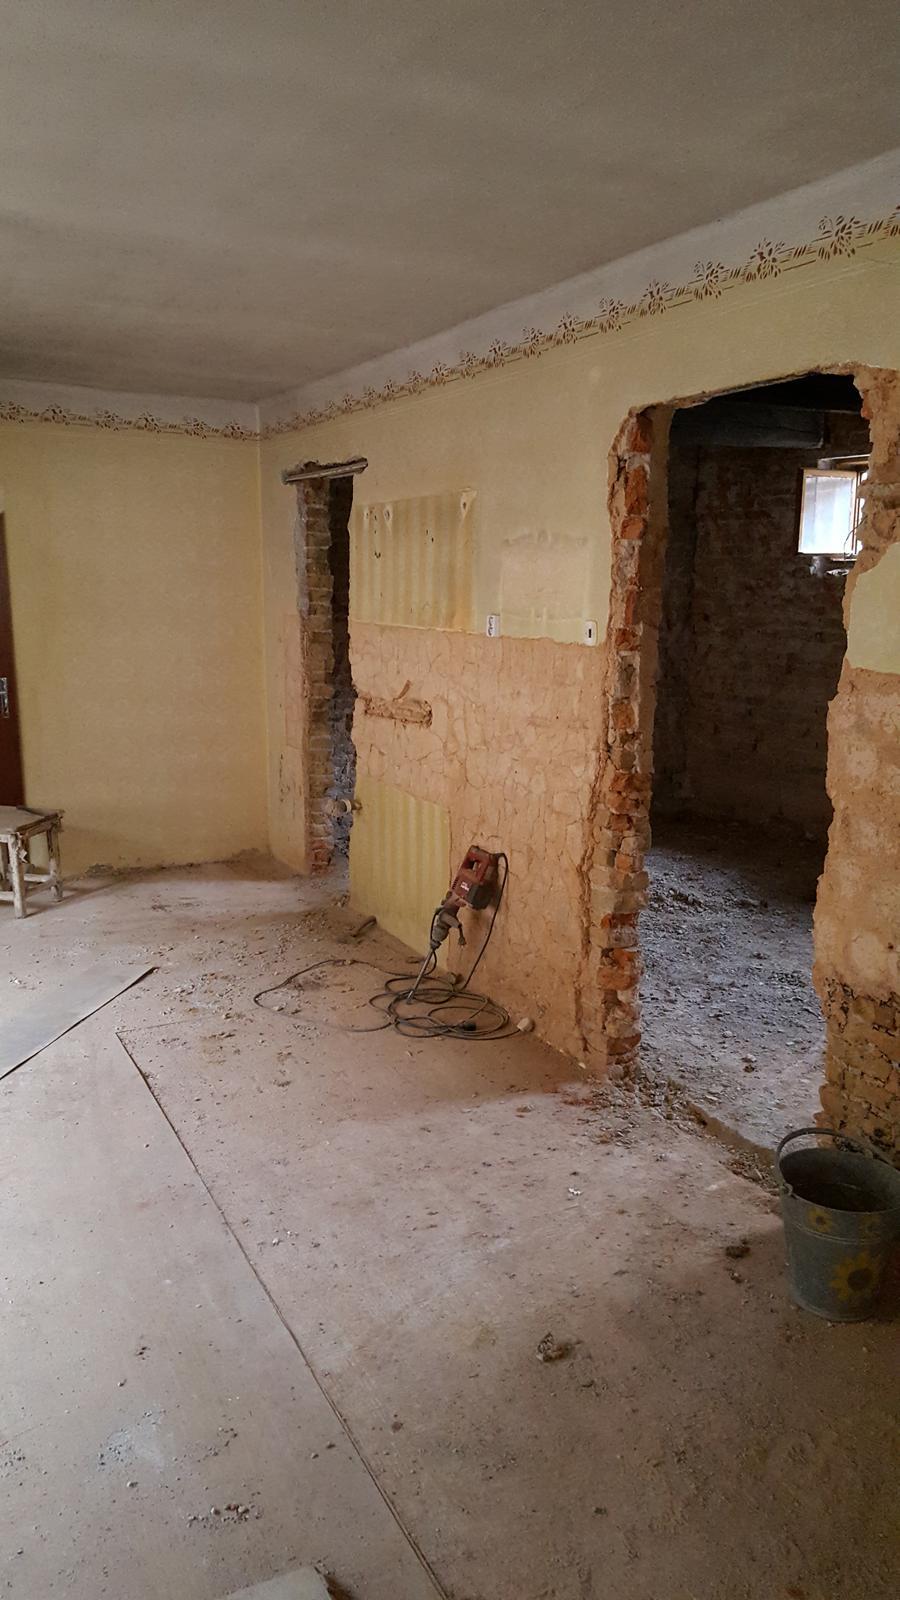 Prerabka domu v historickom centre - Vyburany otvor na druhe dvere do spajze,ktore budu zakomponovane v kuchynskej linke.dnes bol pozerat kurenar tak som zvedavy